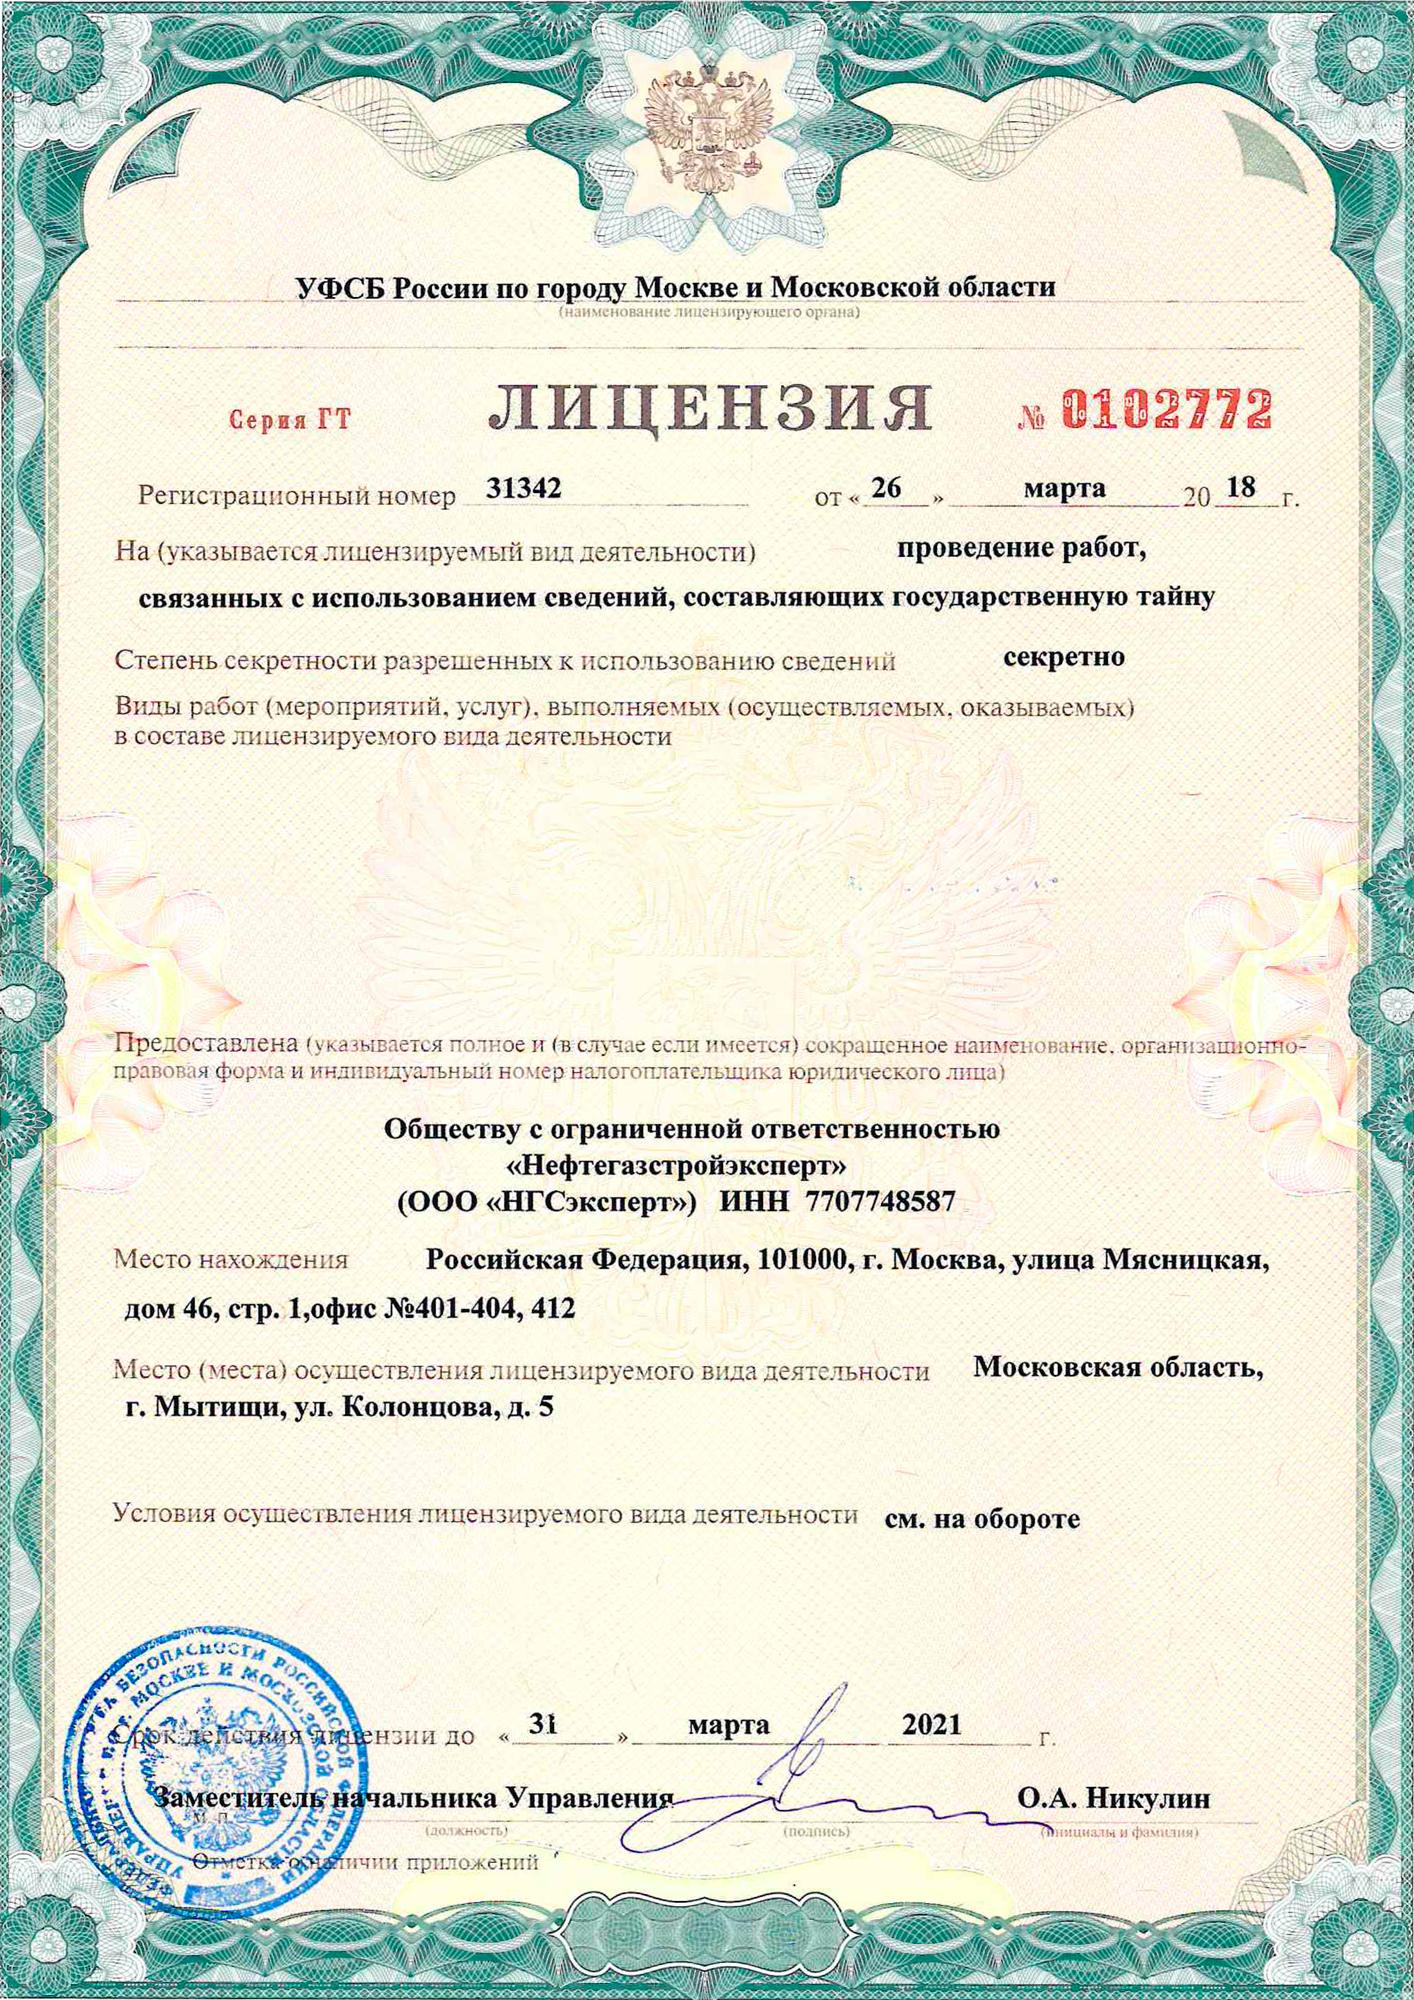 Лицензия на проведение работ, связанных с использованием сведений, составляющих государственную тайну - 1 стр.